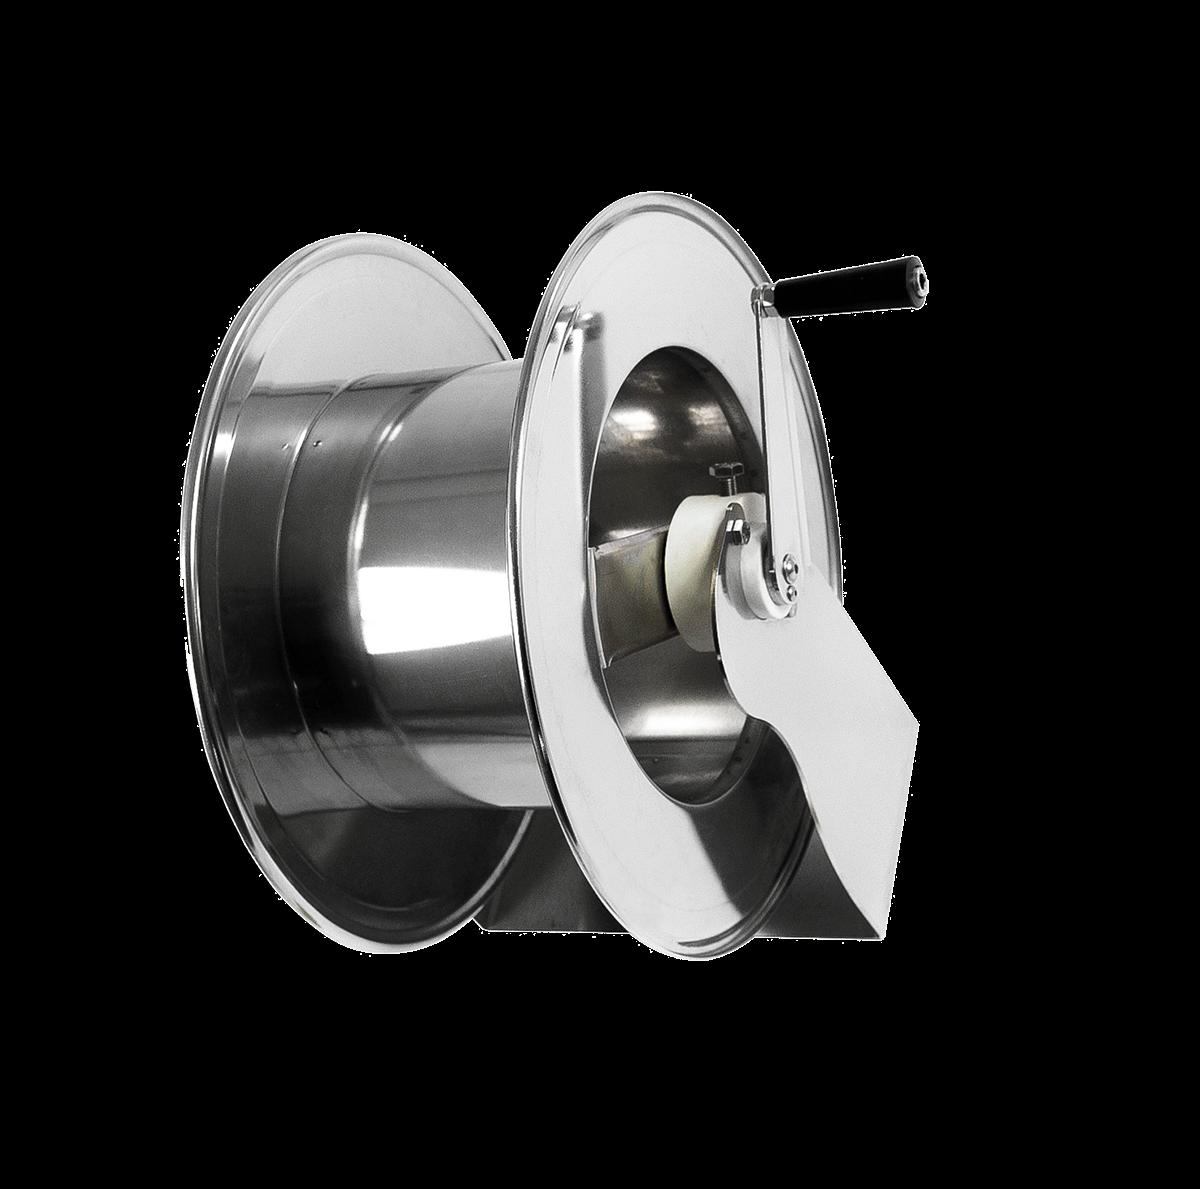 Enrouleur de tuyaux manuel <50 mètres 3/8